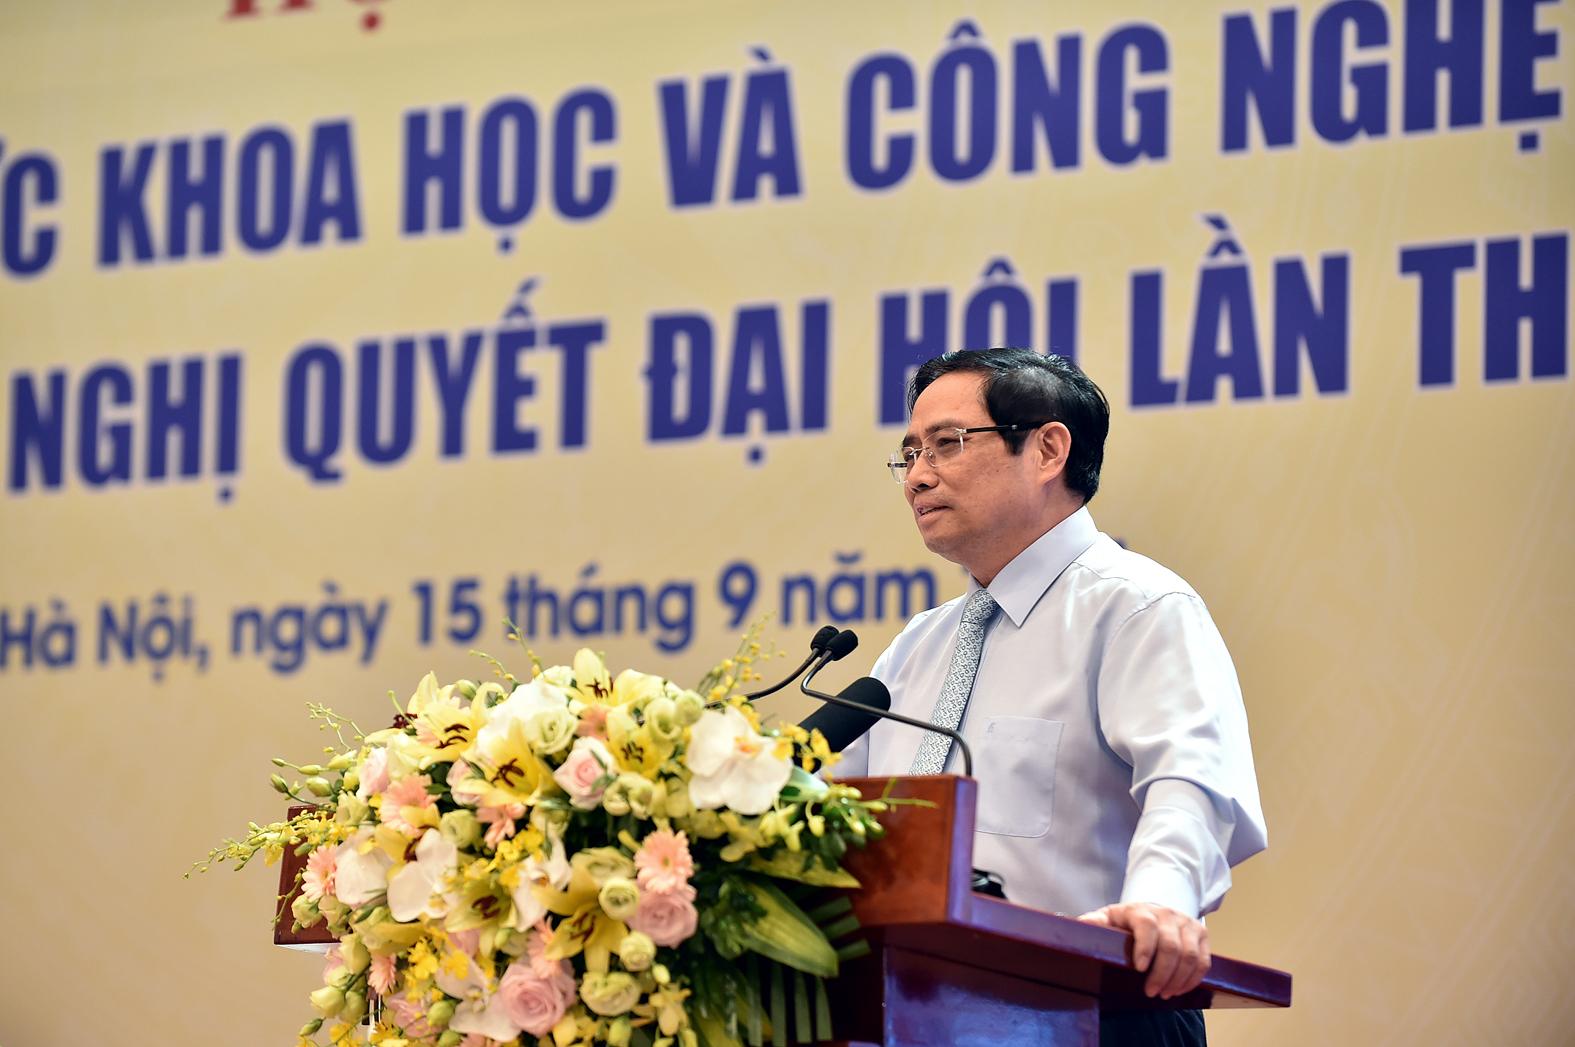 Thủ tướng Phạm Minh Chính: Cần có nhận thức mới, tư duy khoa học mới cho phát triển Đất nước